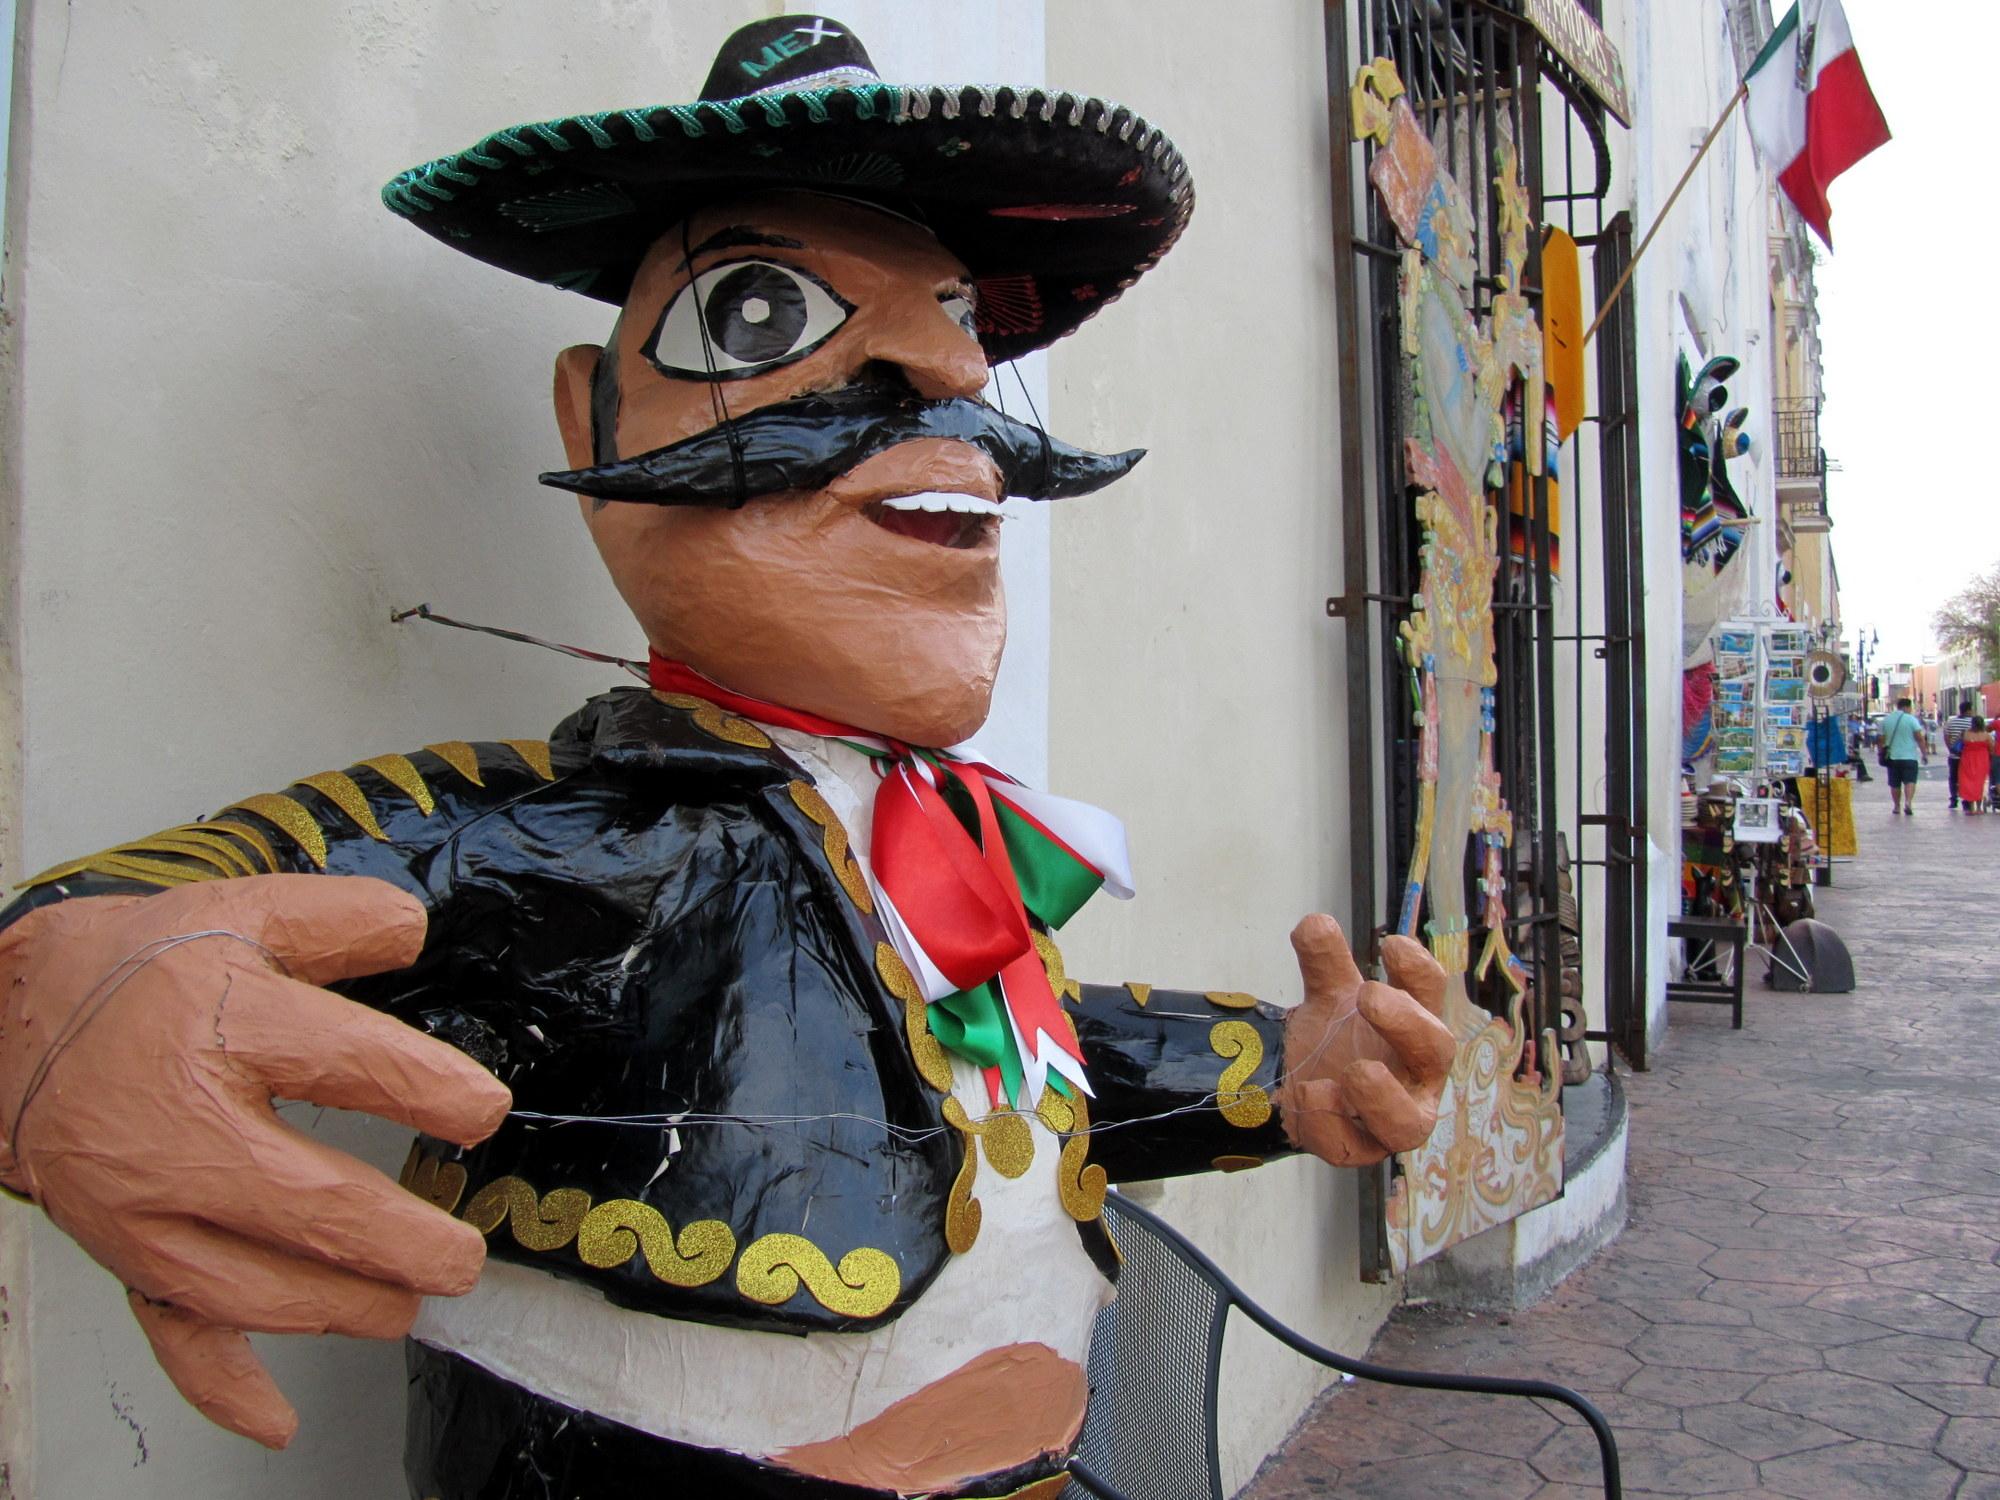 meksiko-valladolid-6